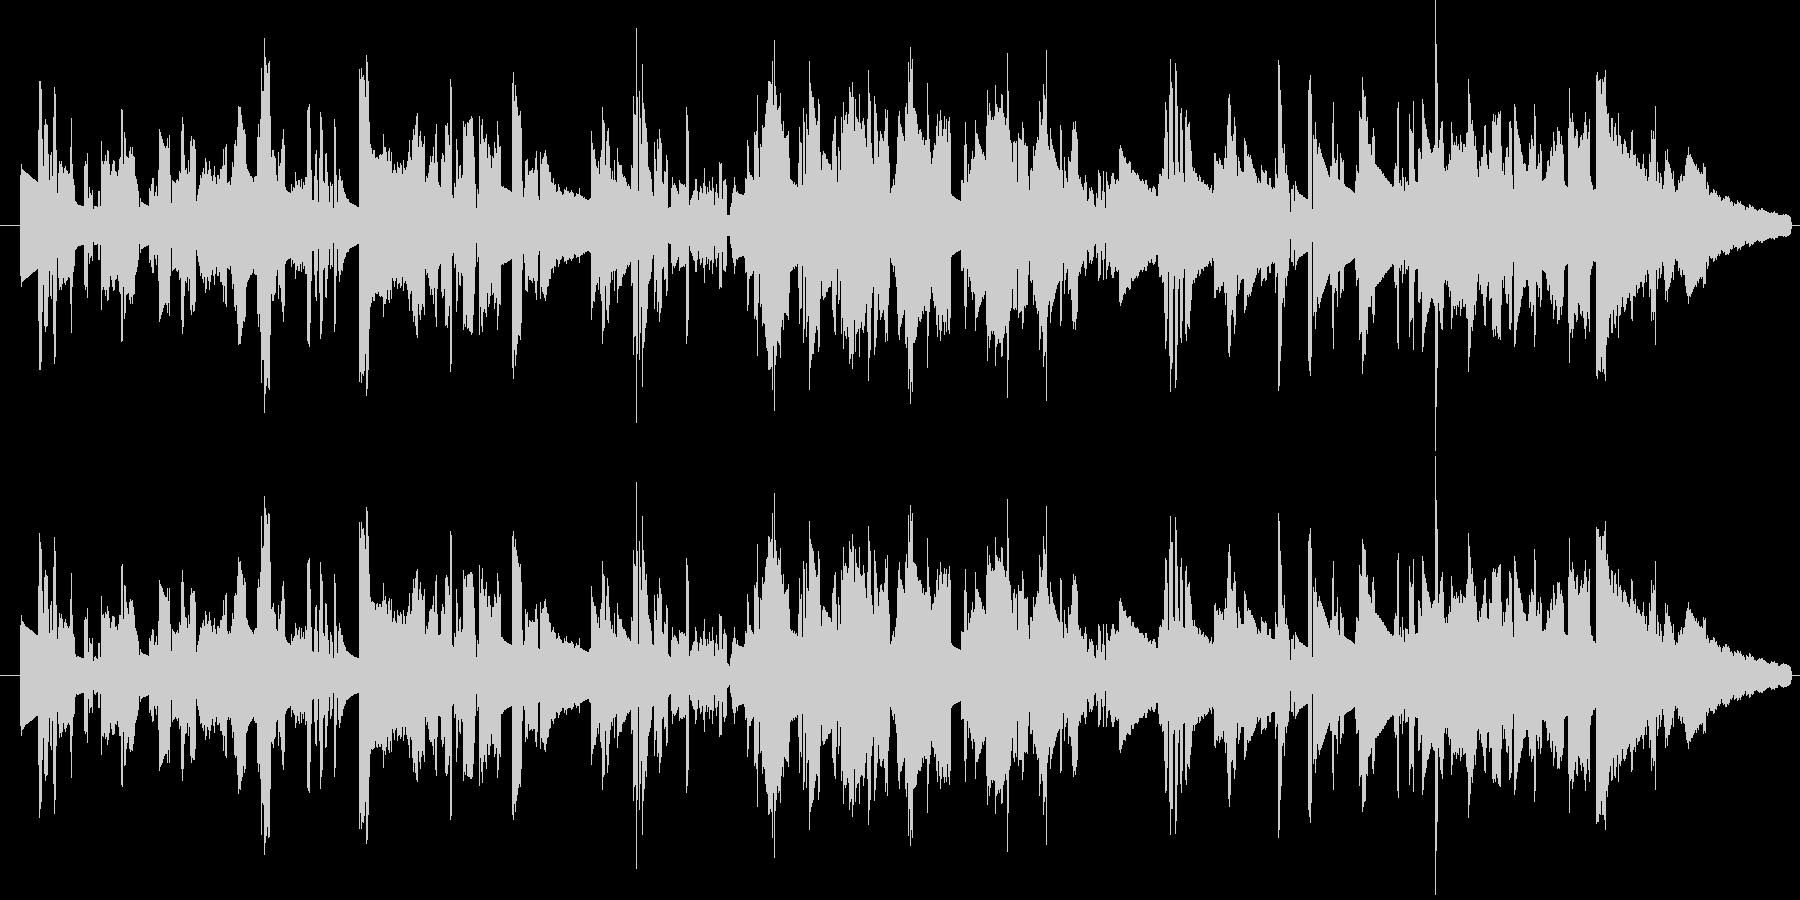 ファンキー エレピソロの未再生の波形